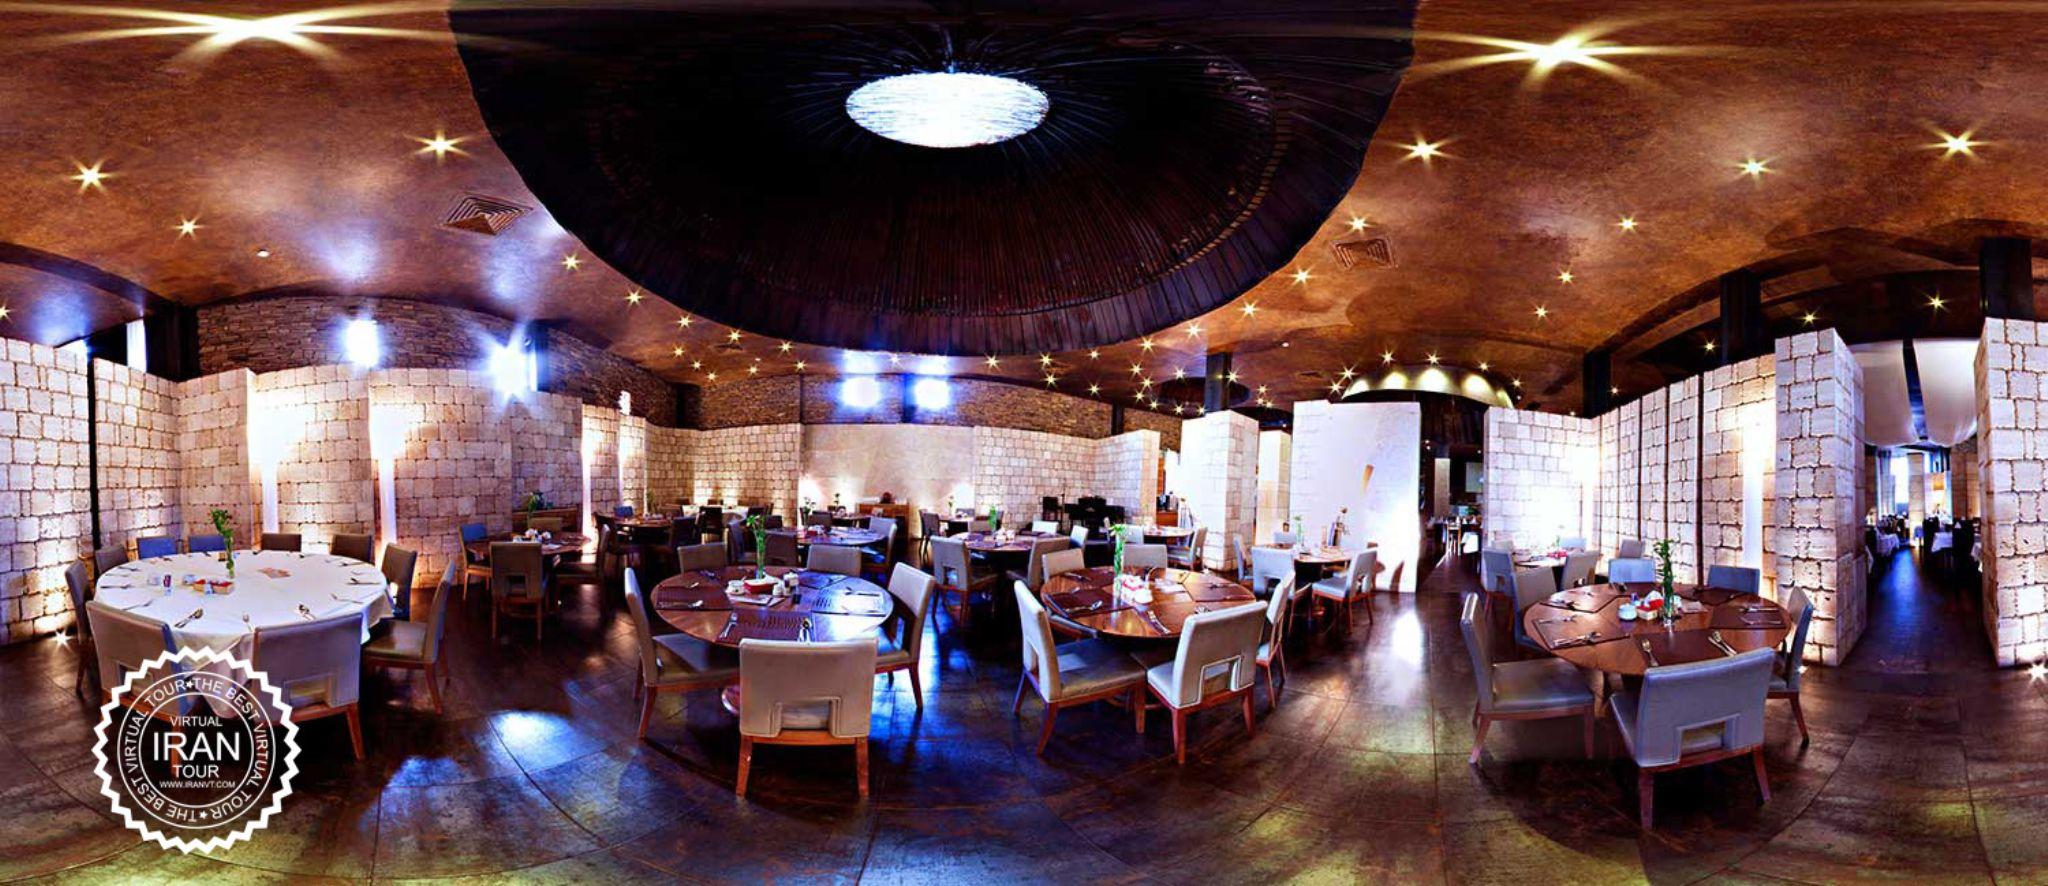 7khan restaurant shiraz iran by moslem faghih